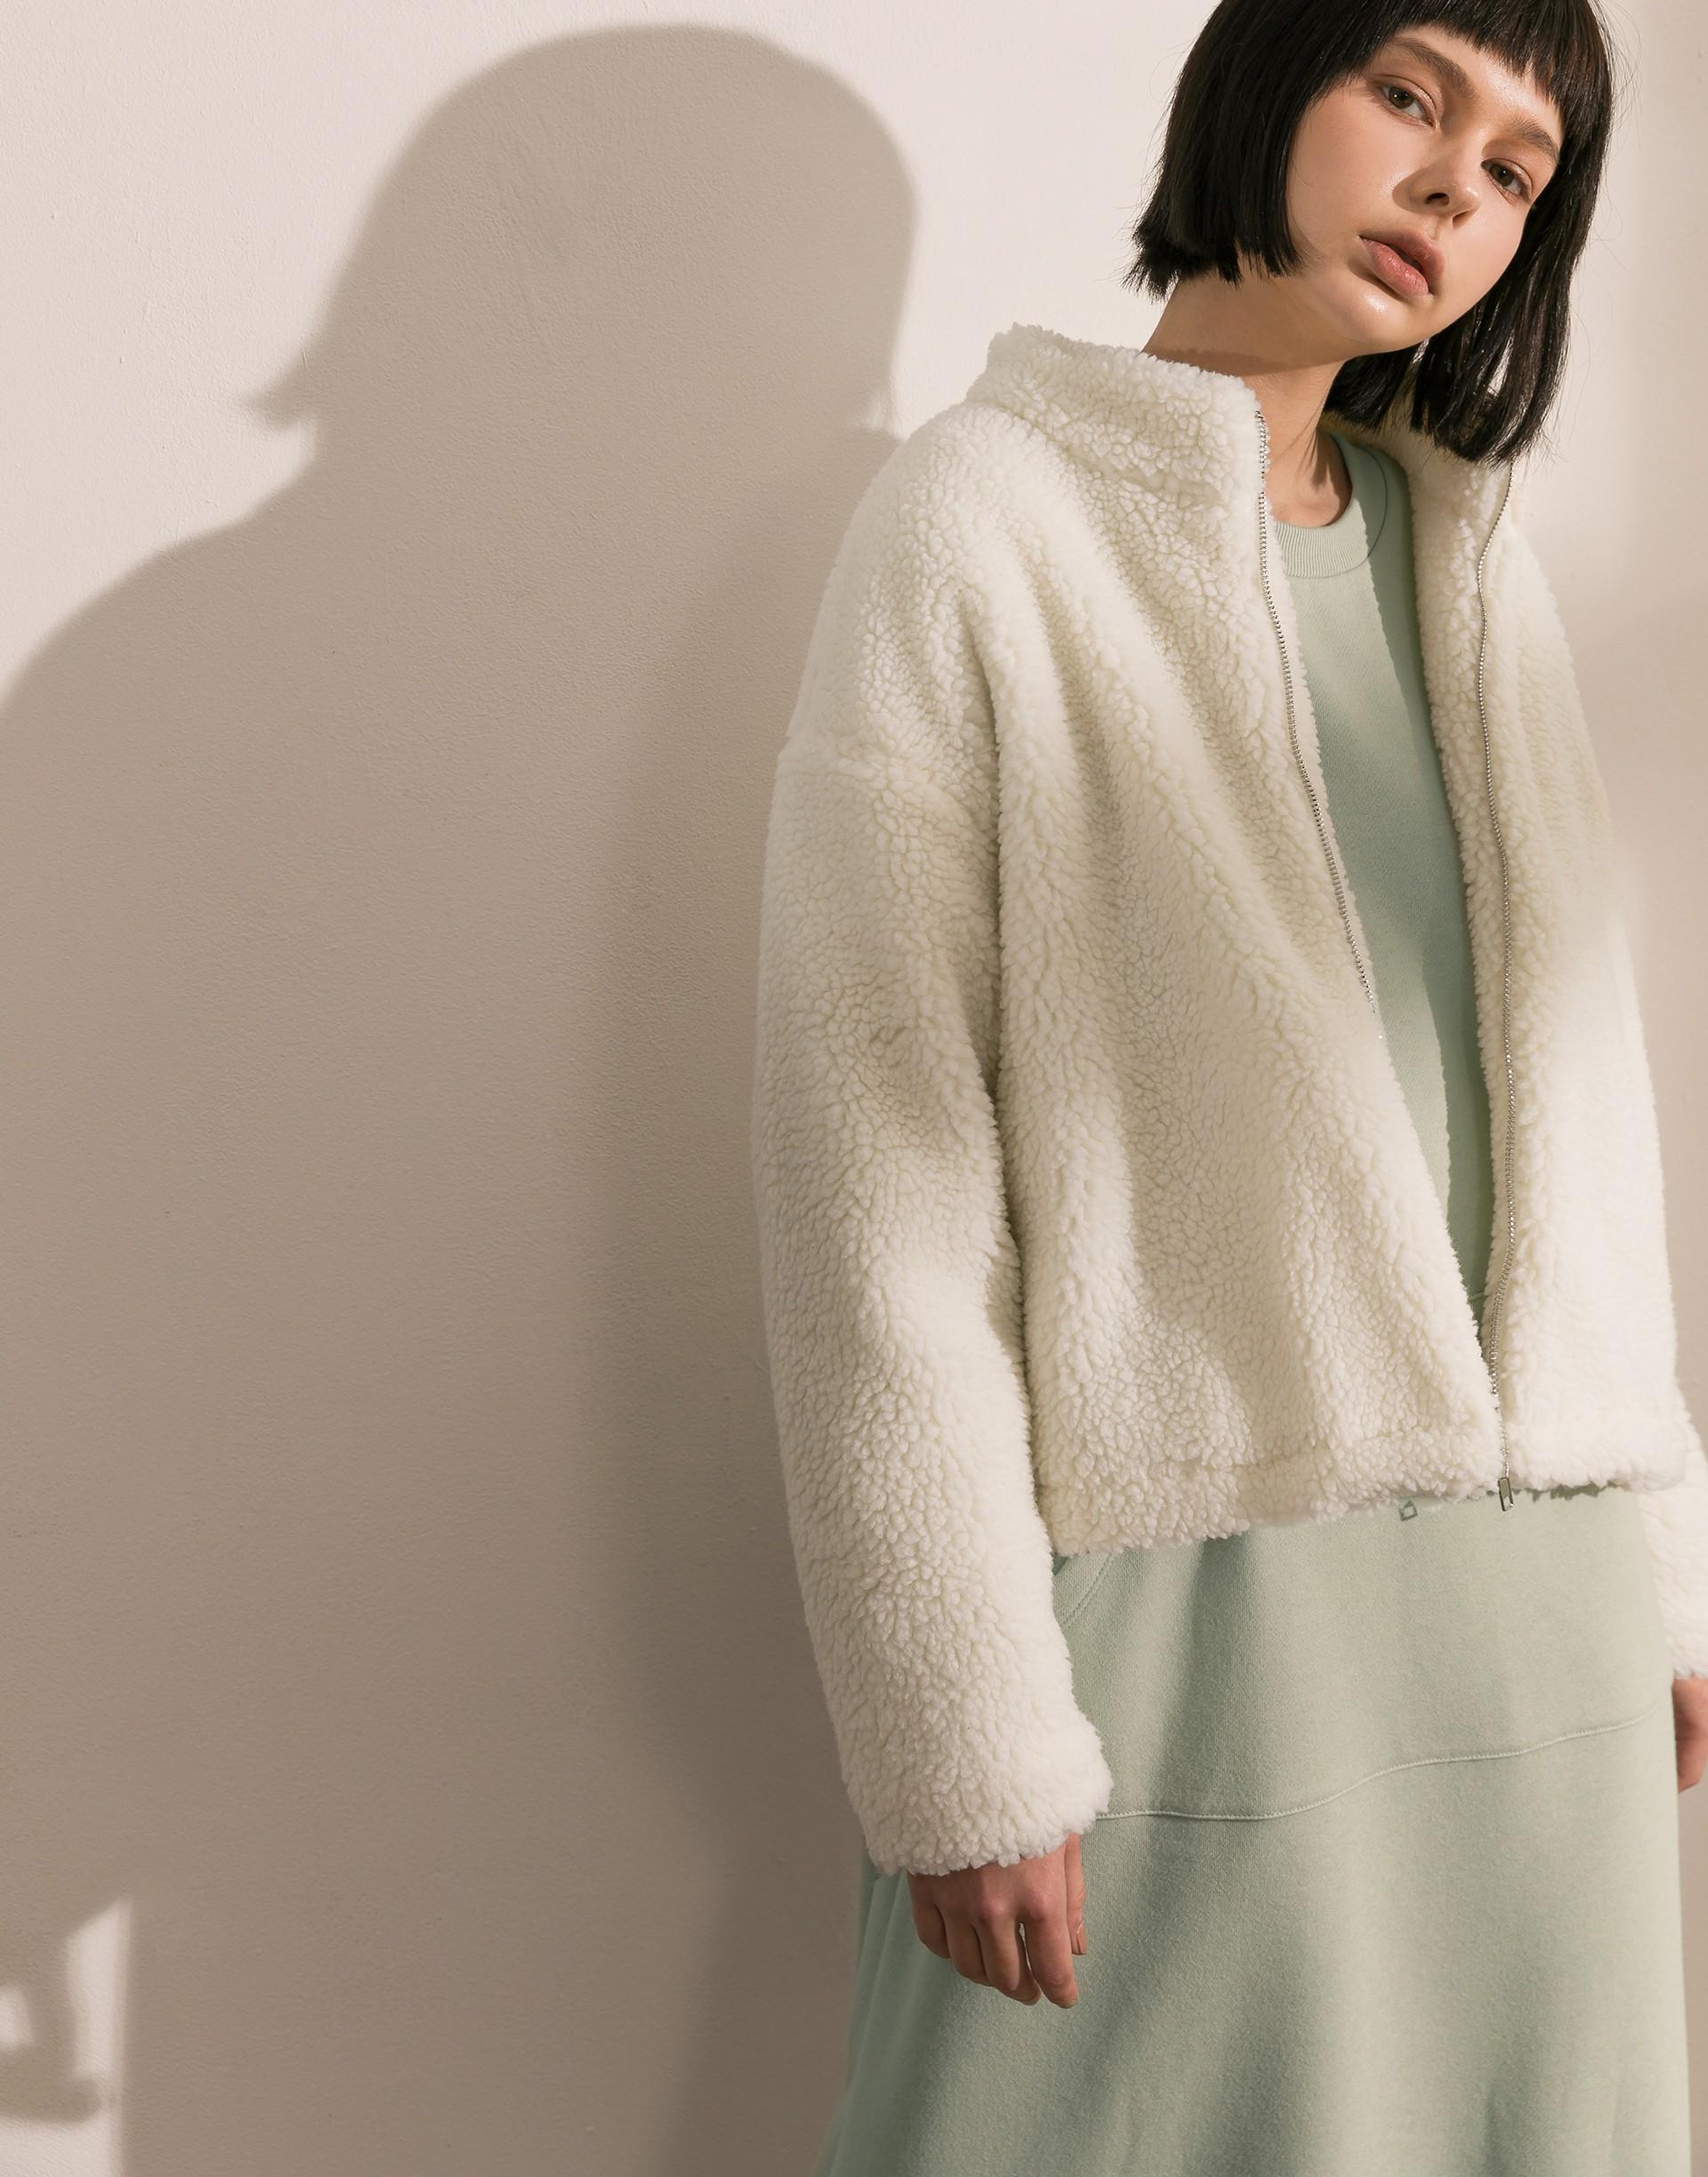 Genquo+時髦羔羊內鋪棉拉鍊外套-女